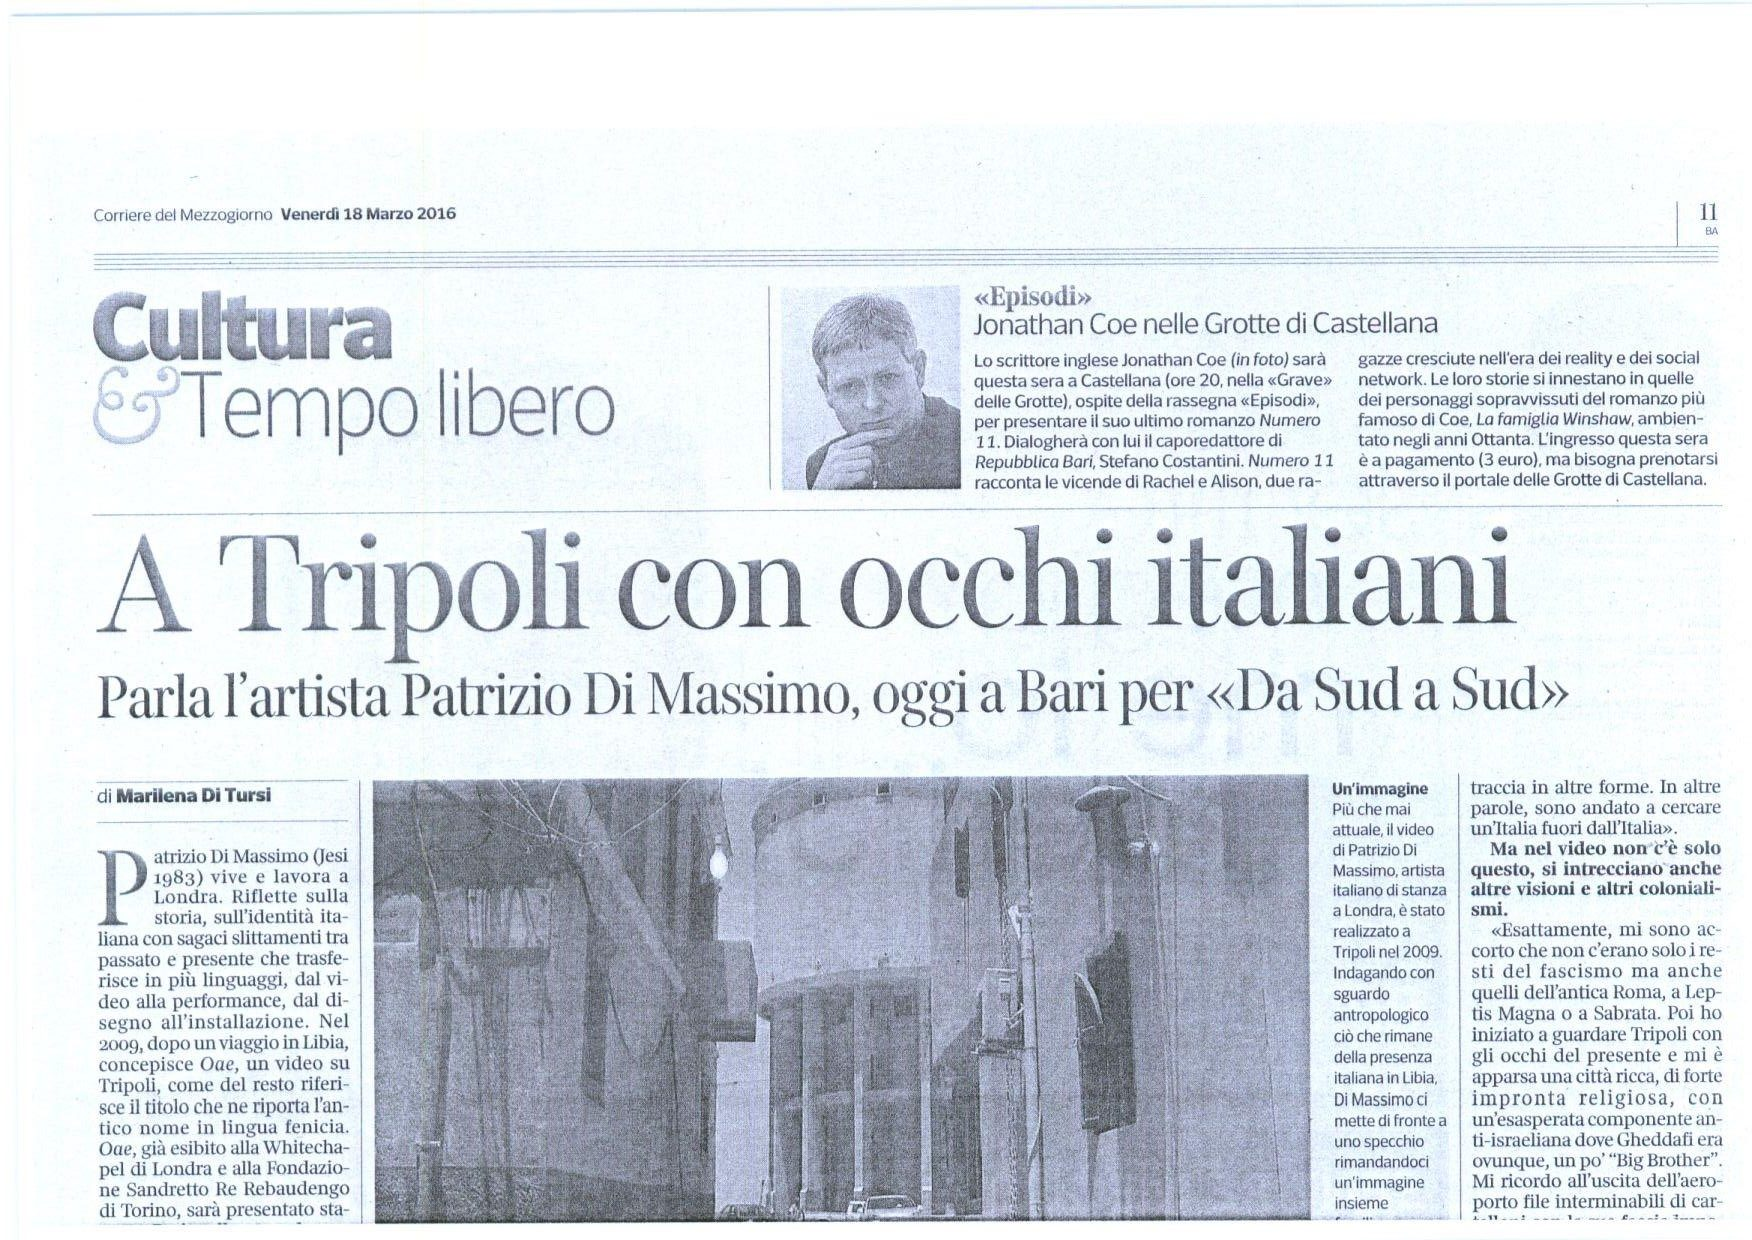 corriere-del-mezzogiorno-18-03-2016-page-001